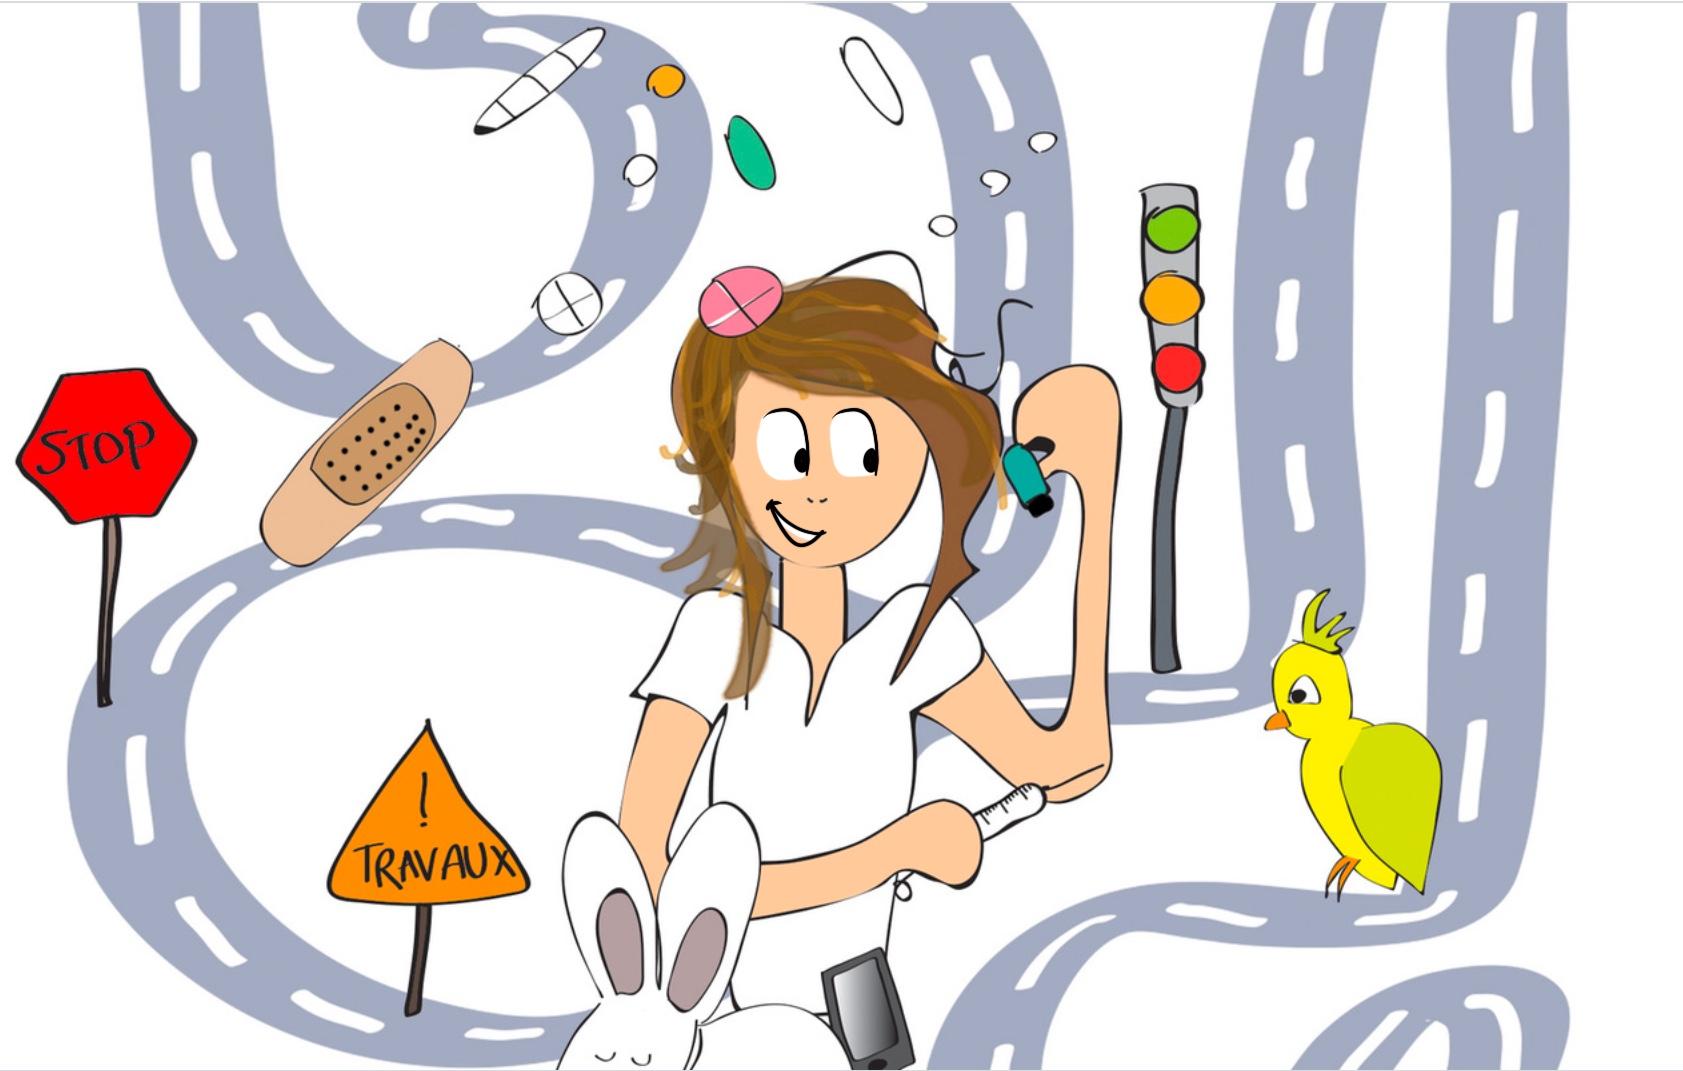 nouvelles problématiques, la route et ses aléas